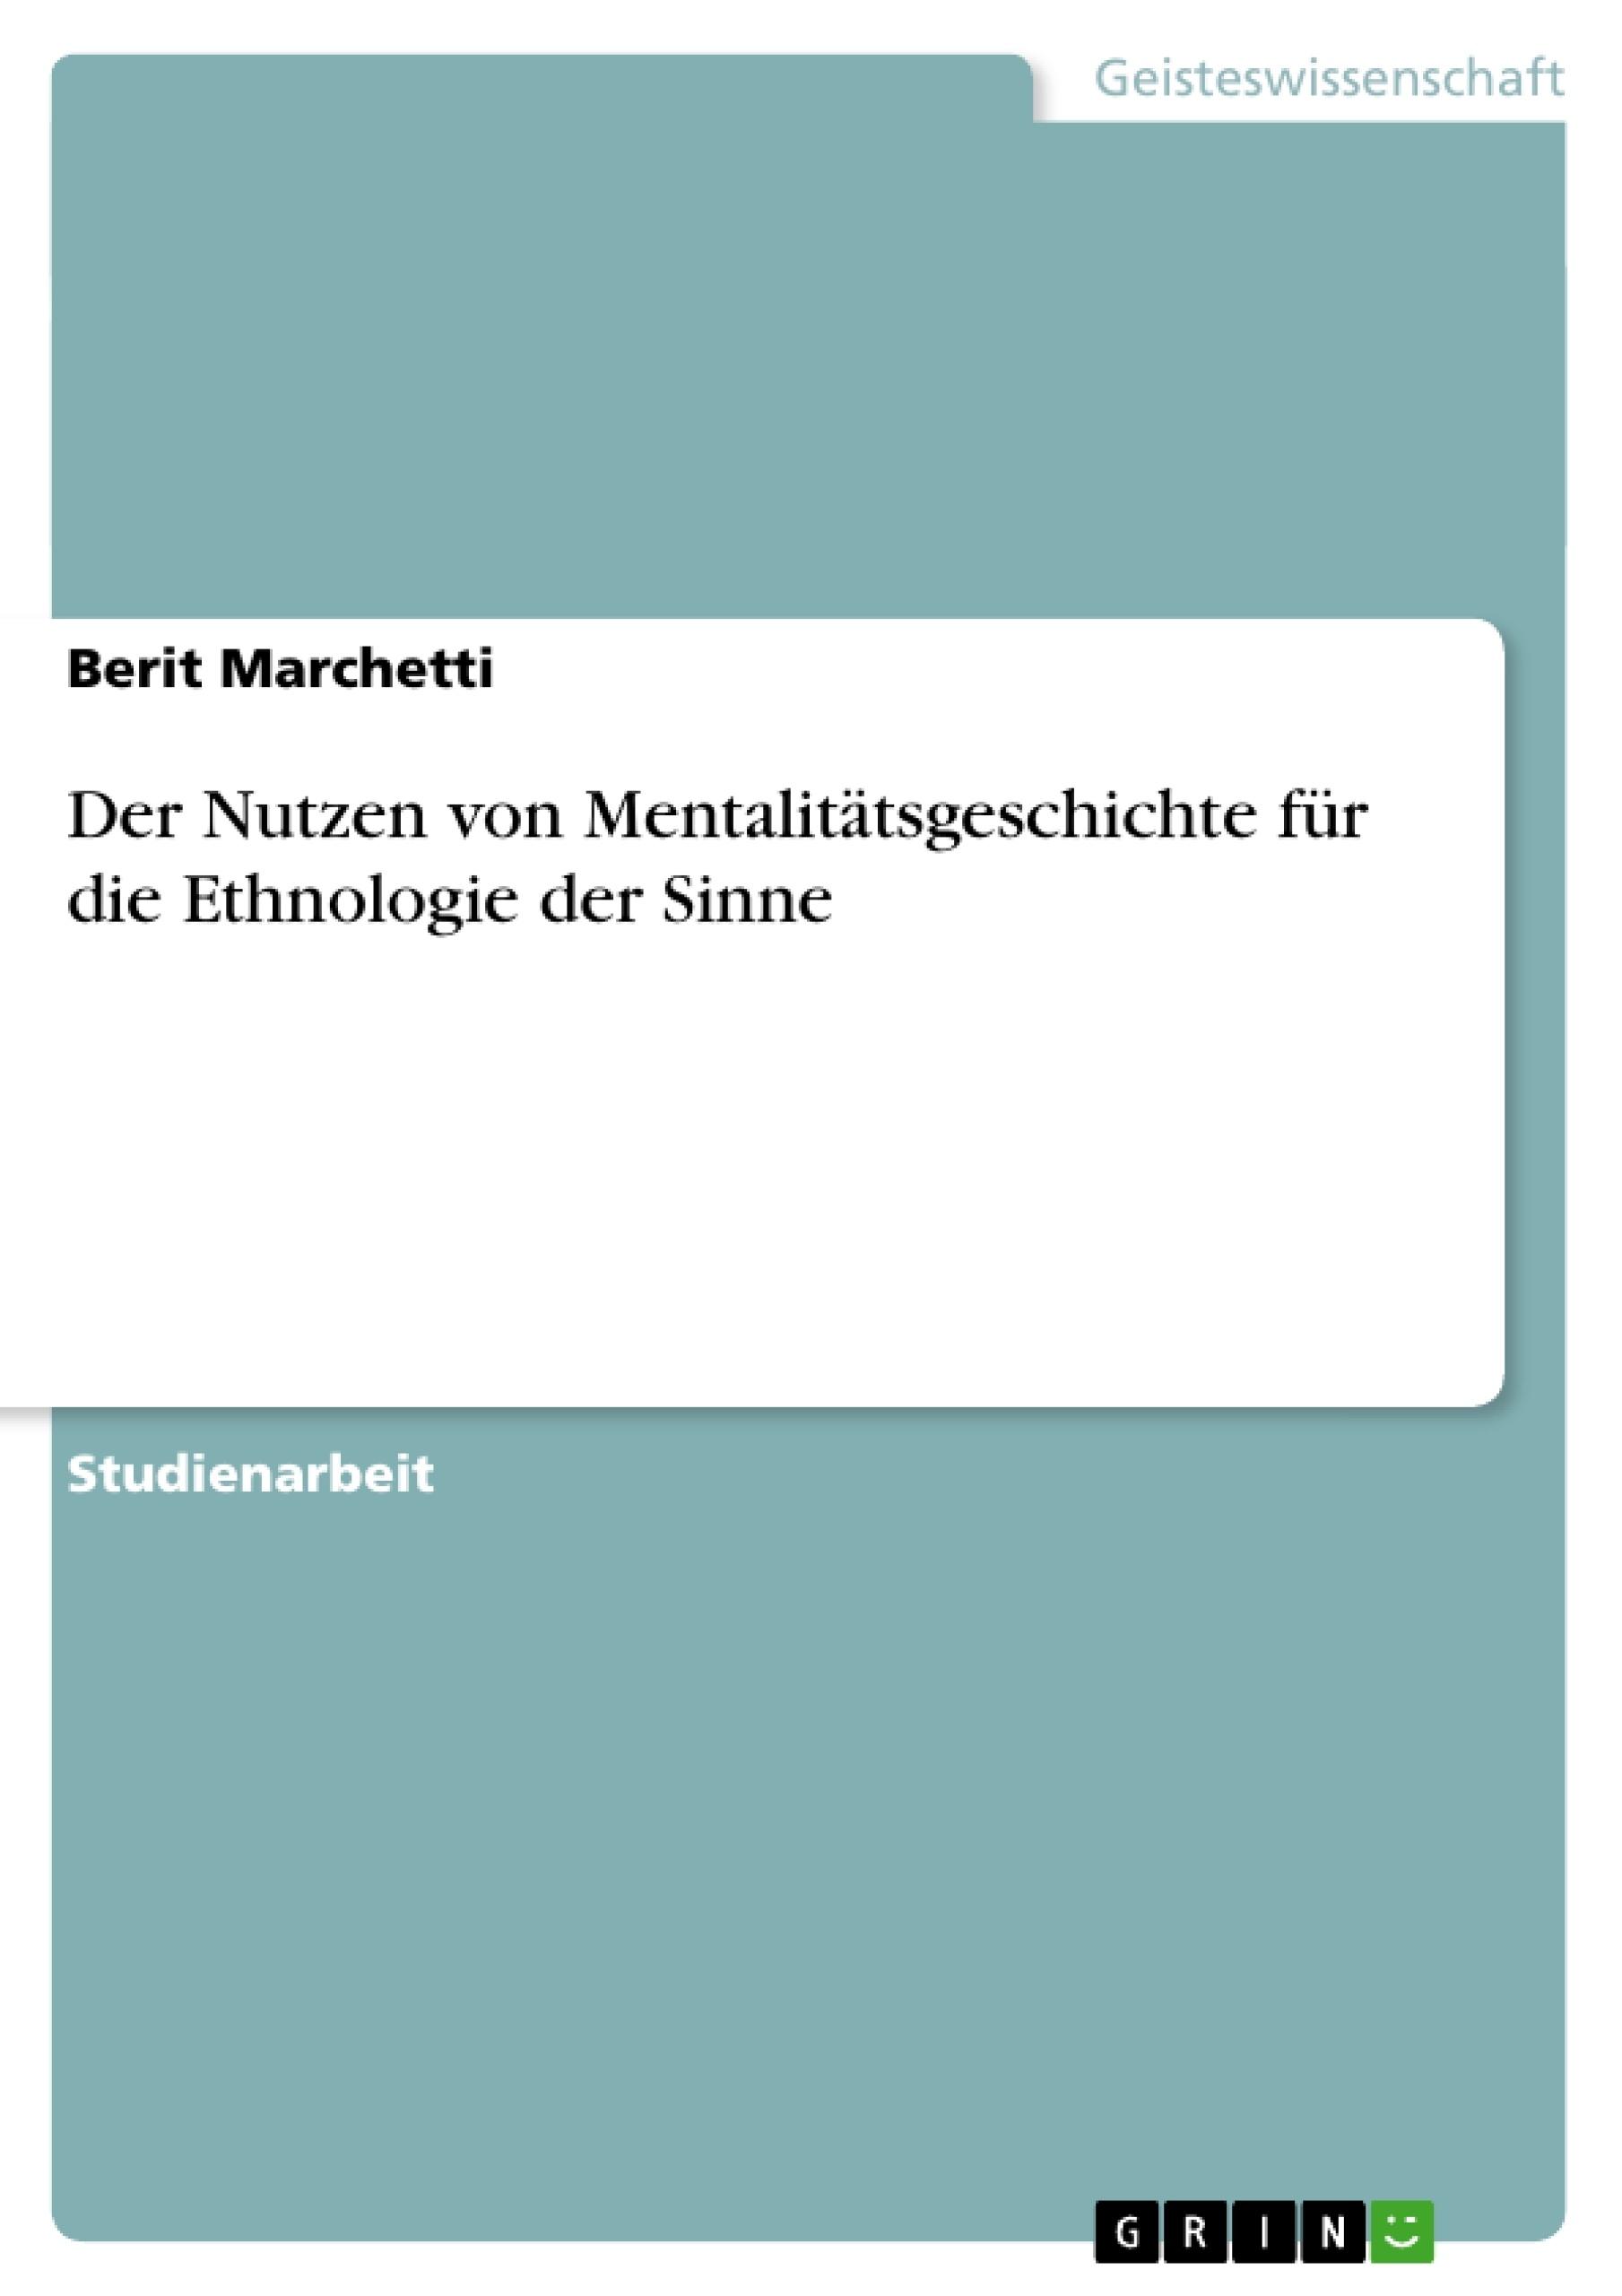 Titel: Der Nutzen von Mentalitätsgeschichte für die Ethnologie der Sinne